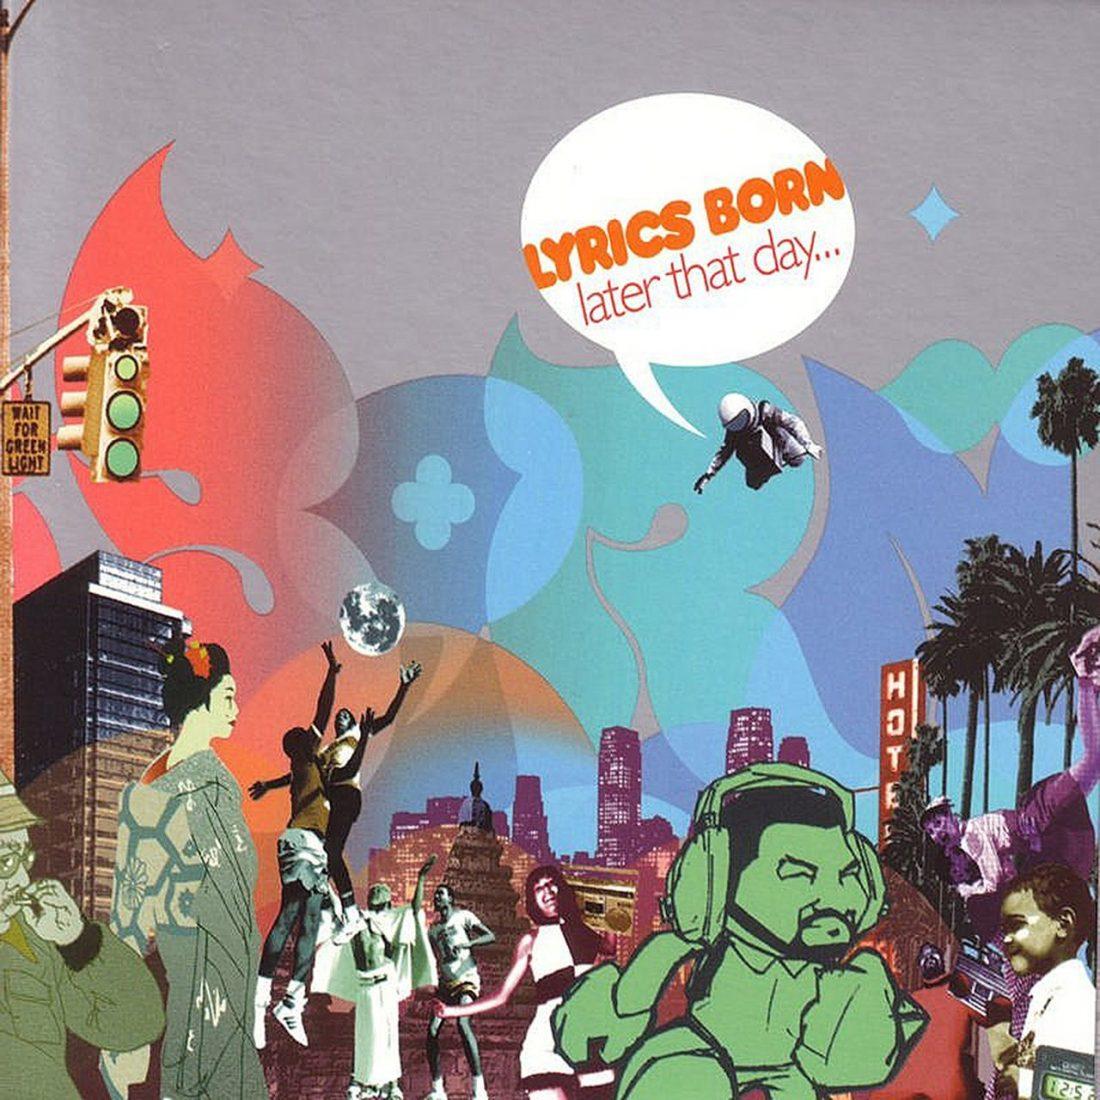 lyricsborn-laterthatday_1800-reissue-vinyl